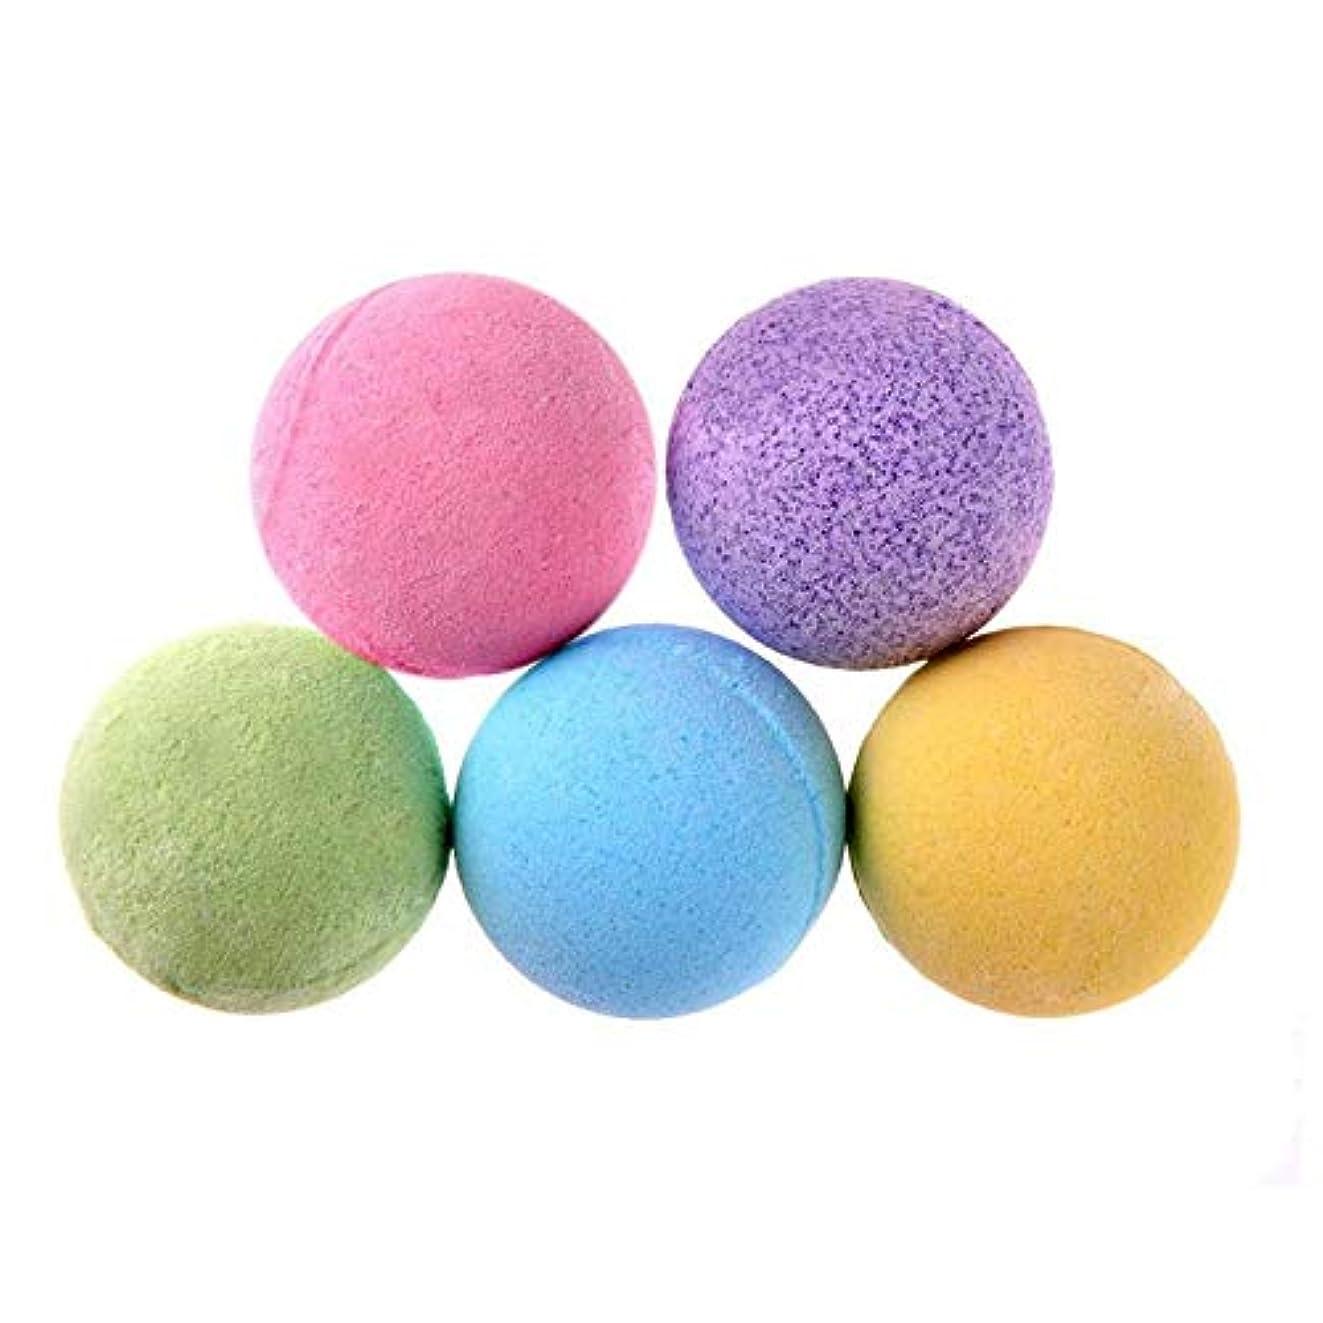 エゴイズム昆虫偽善者Hot 10pc 10g Organic Bath Salt Body Essential Oil Bath Ball Natural Bubble Bath Bombs Ball Rose/Green tea/Lavender...